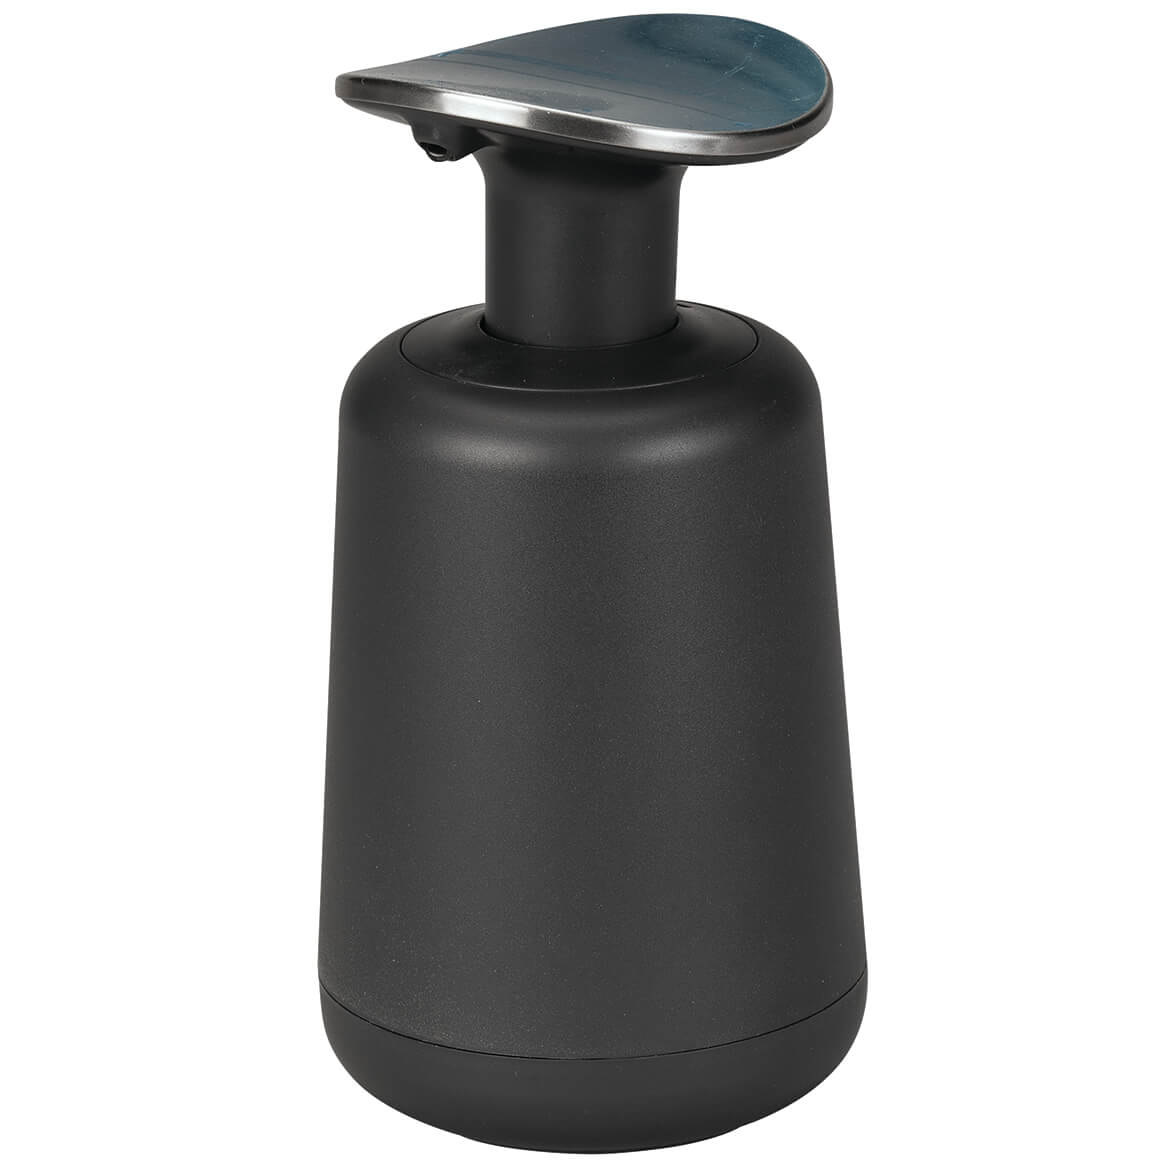 Easy Hands Pump Liquid Soap Dispenser-370874